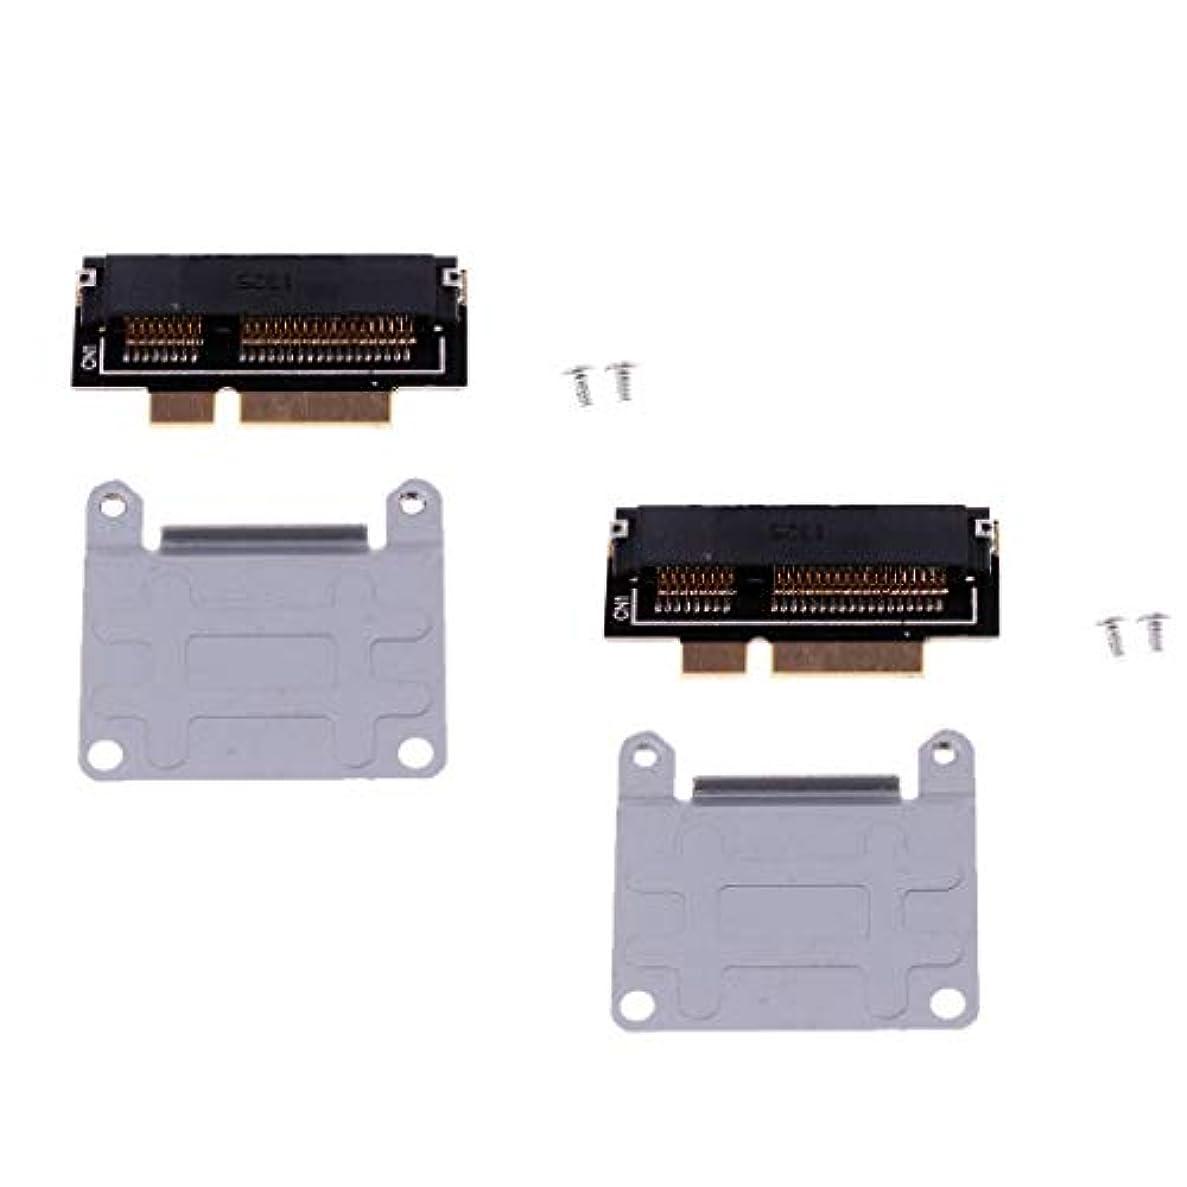 ミス城学習者P Prettyia MacBook Pro A1398用 mSATA SSD - 2012 SSD(7+17ピン) アダプタカード